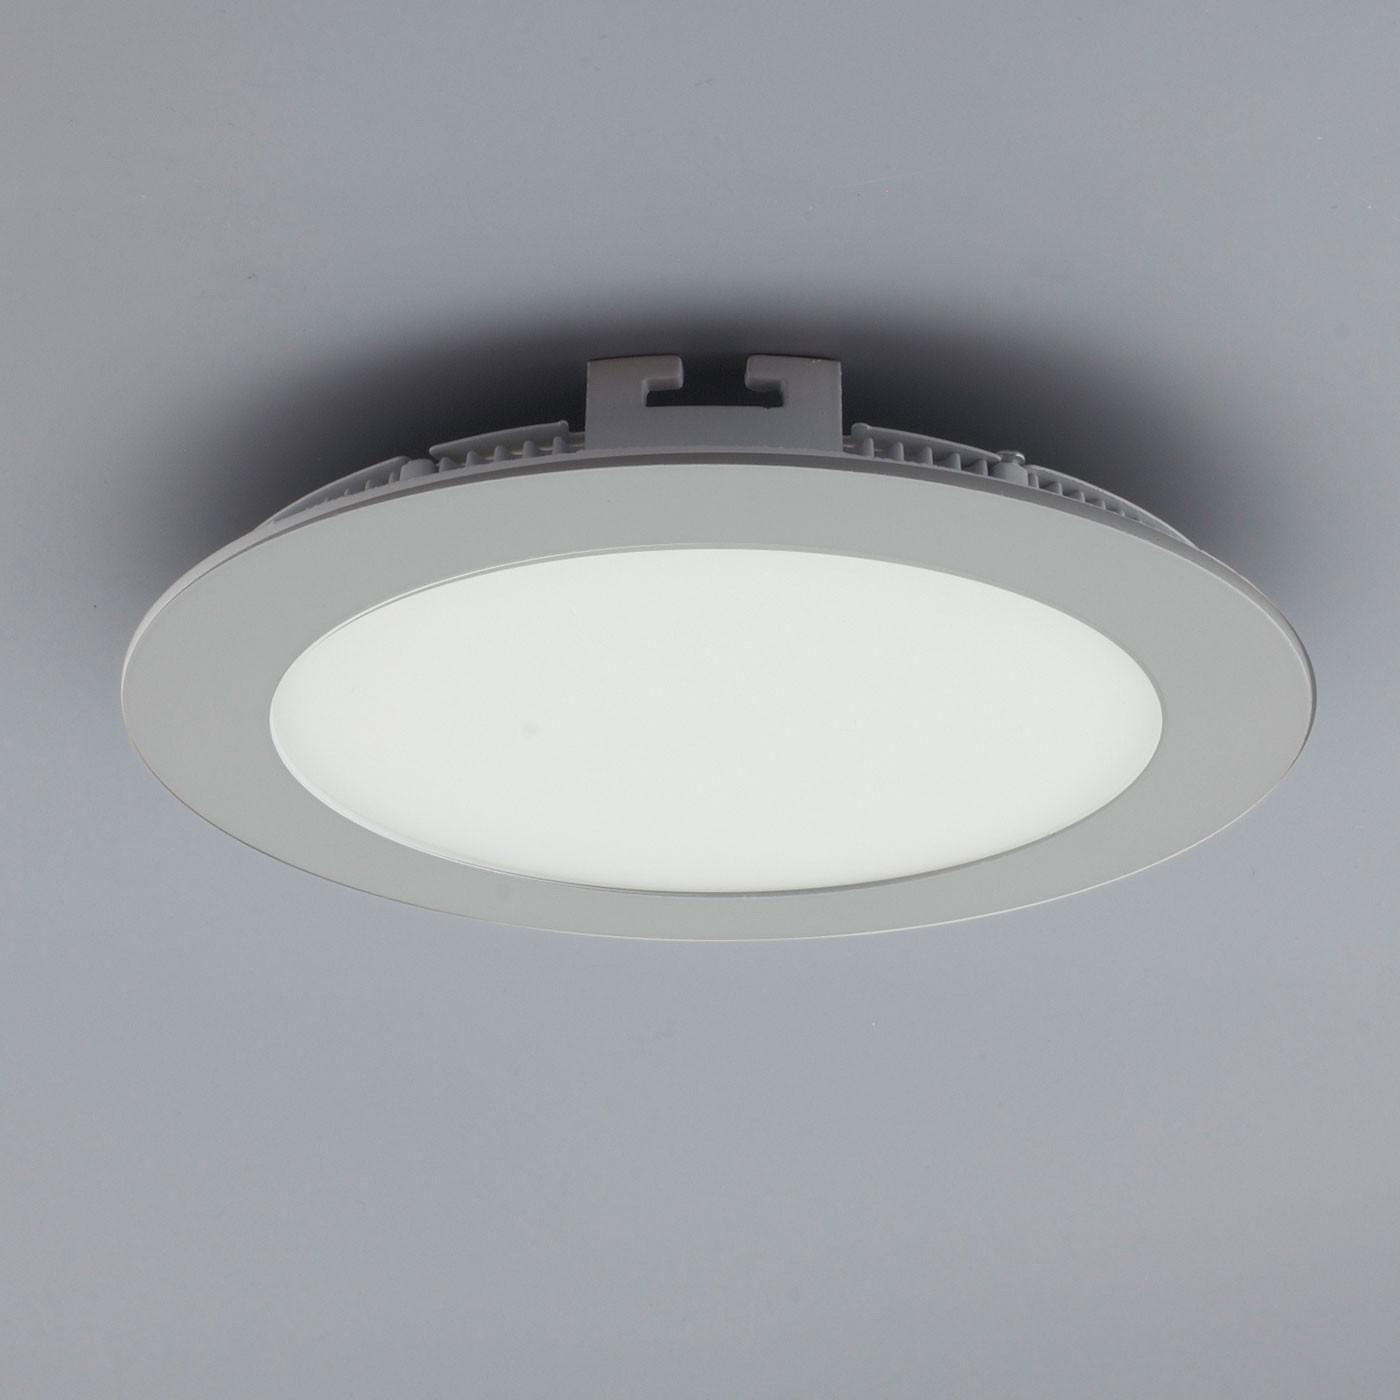 licht design 30562 einbau led panel 960 lumen dimmbar 17 cm neutral silber kaufen bei. Black Bedroom Furniture Sets. Home Design Ideas